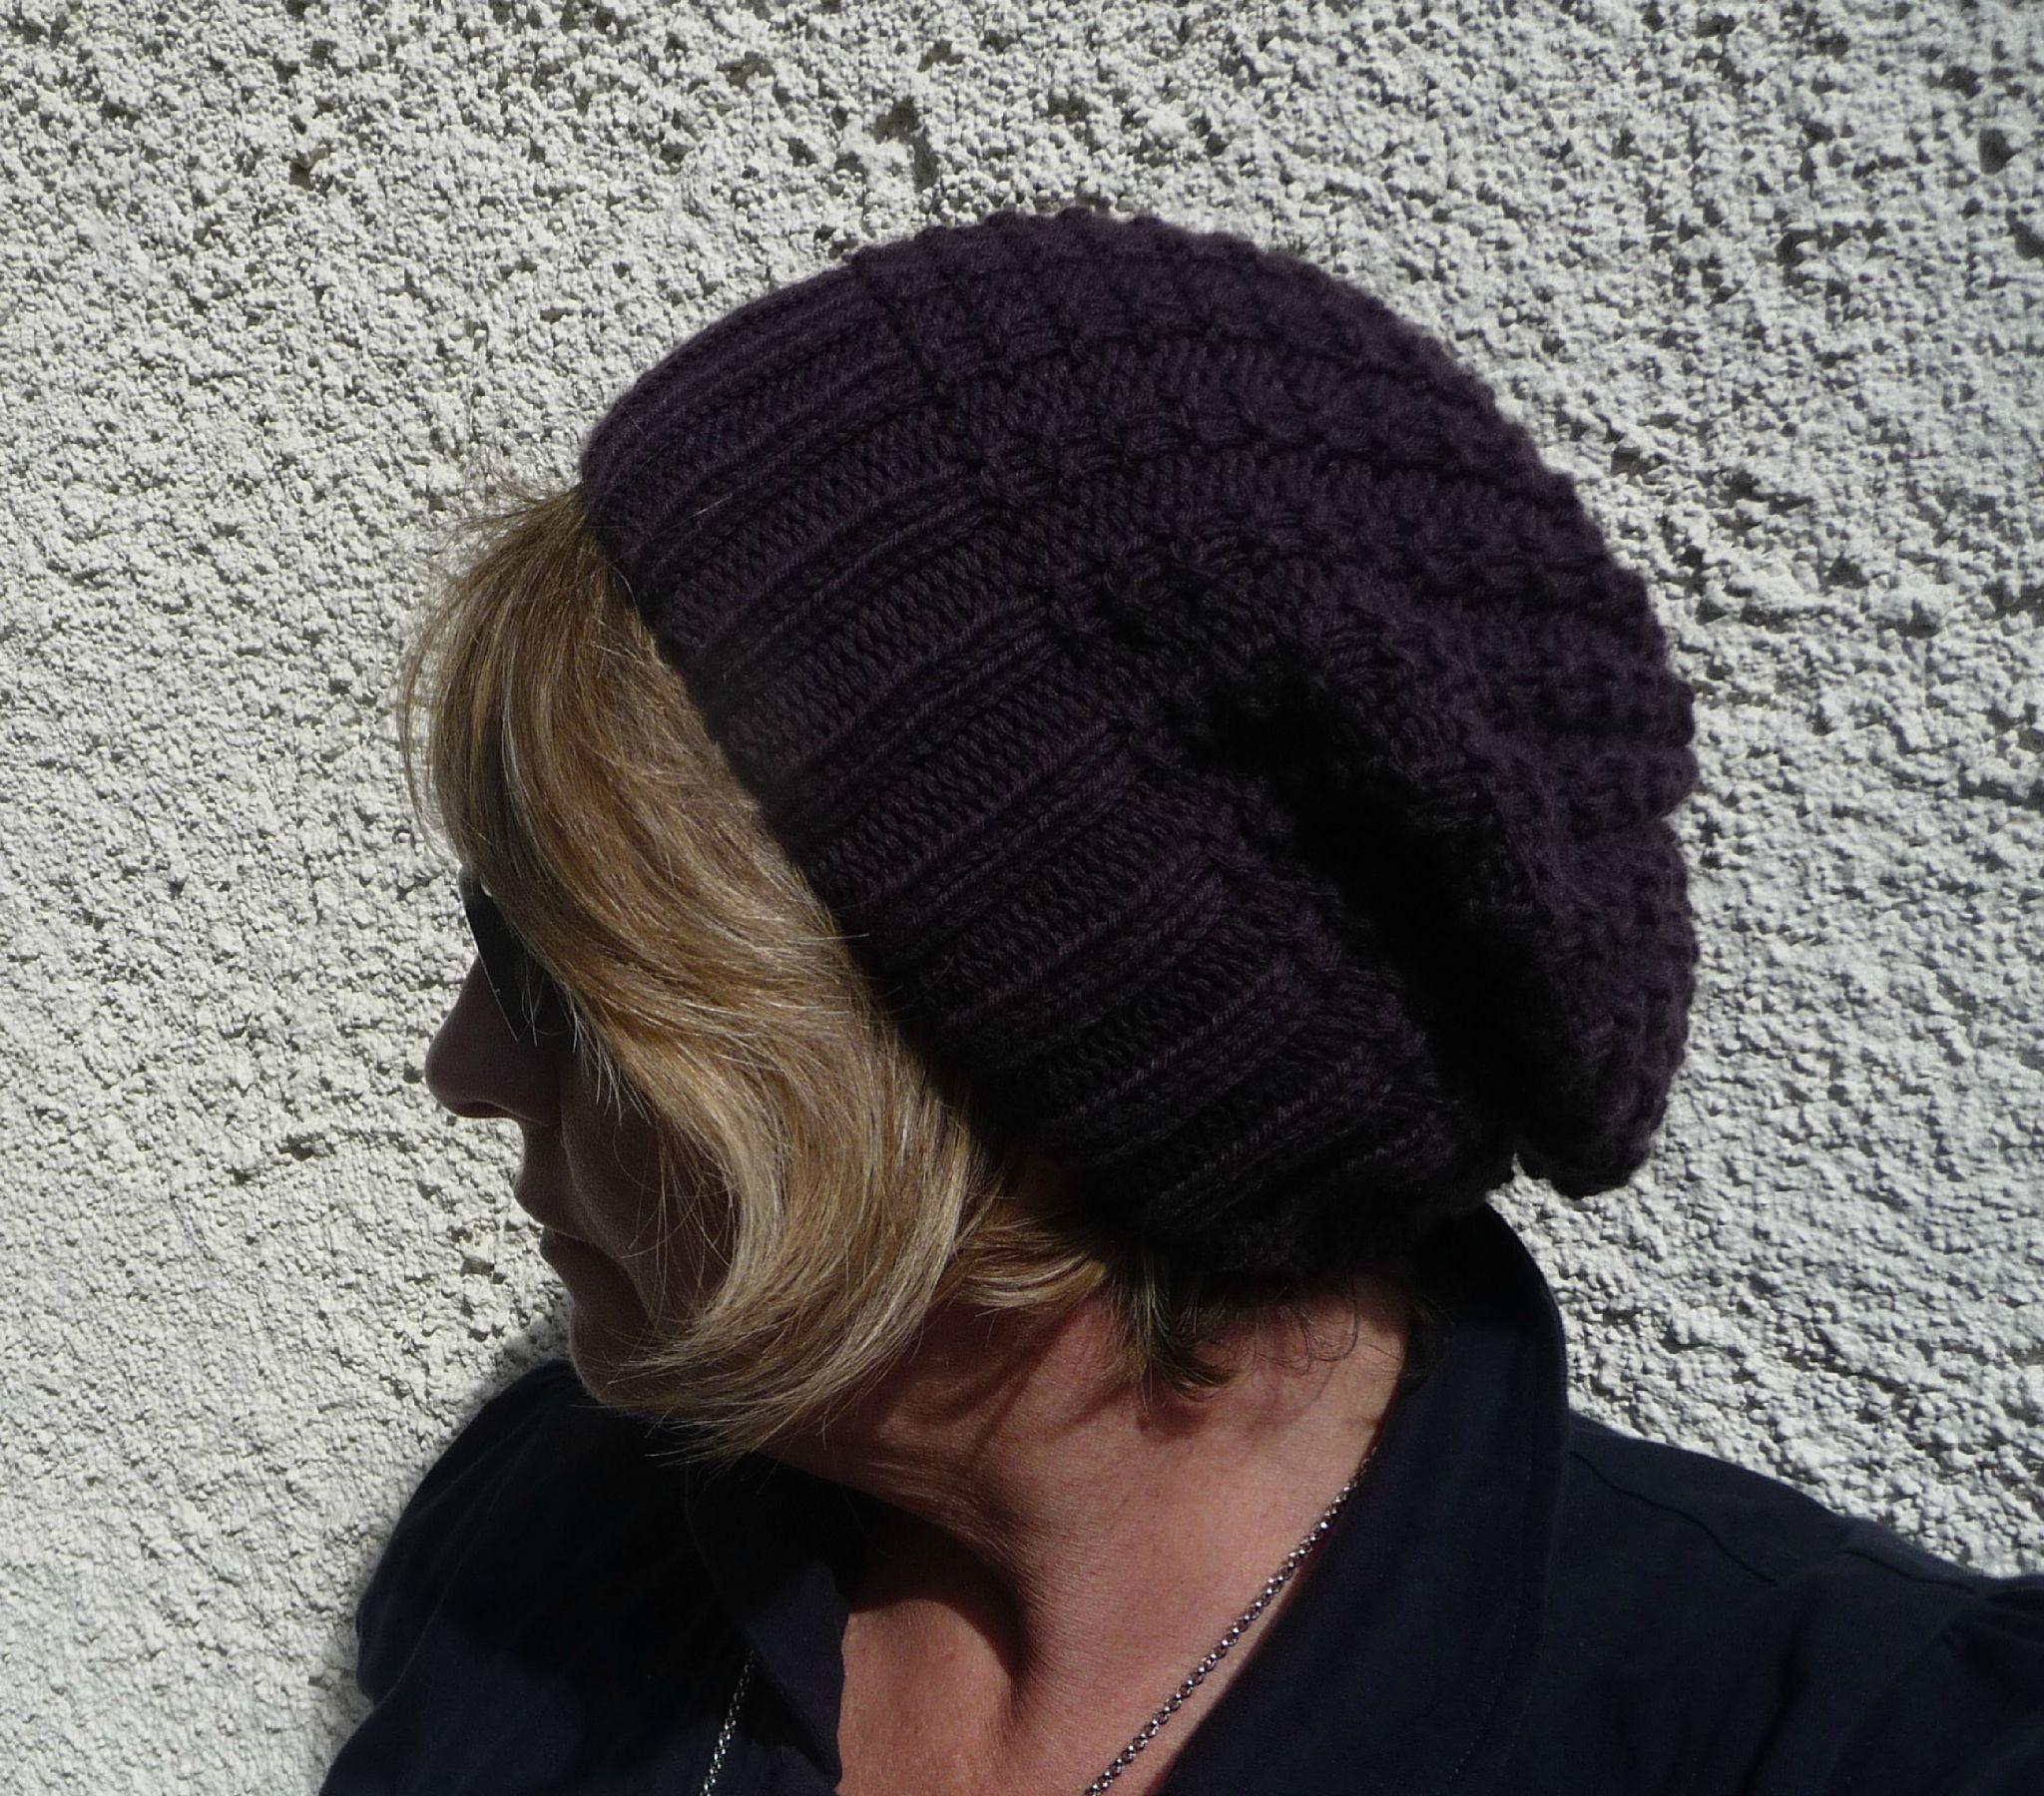 Tricoter une bonnet - Modele de bonnet a tricoter facile ...